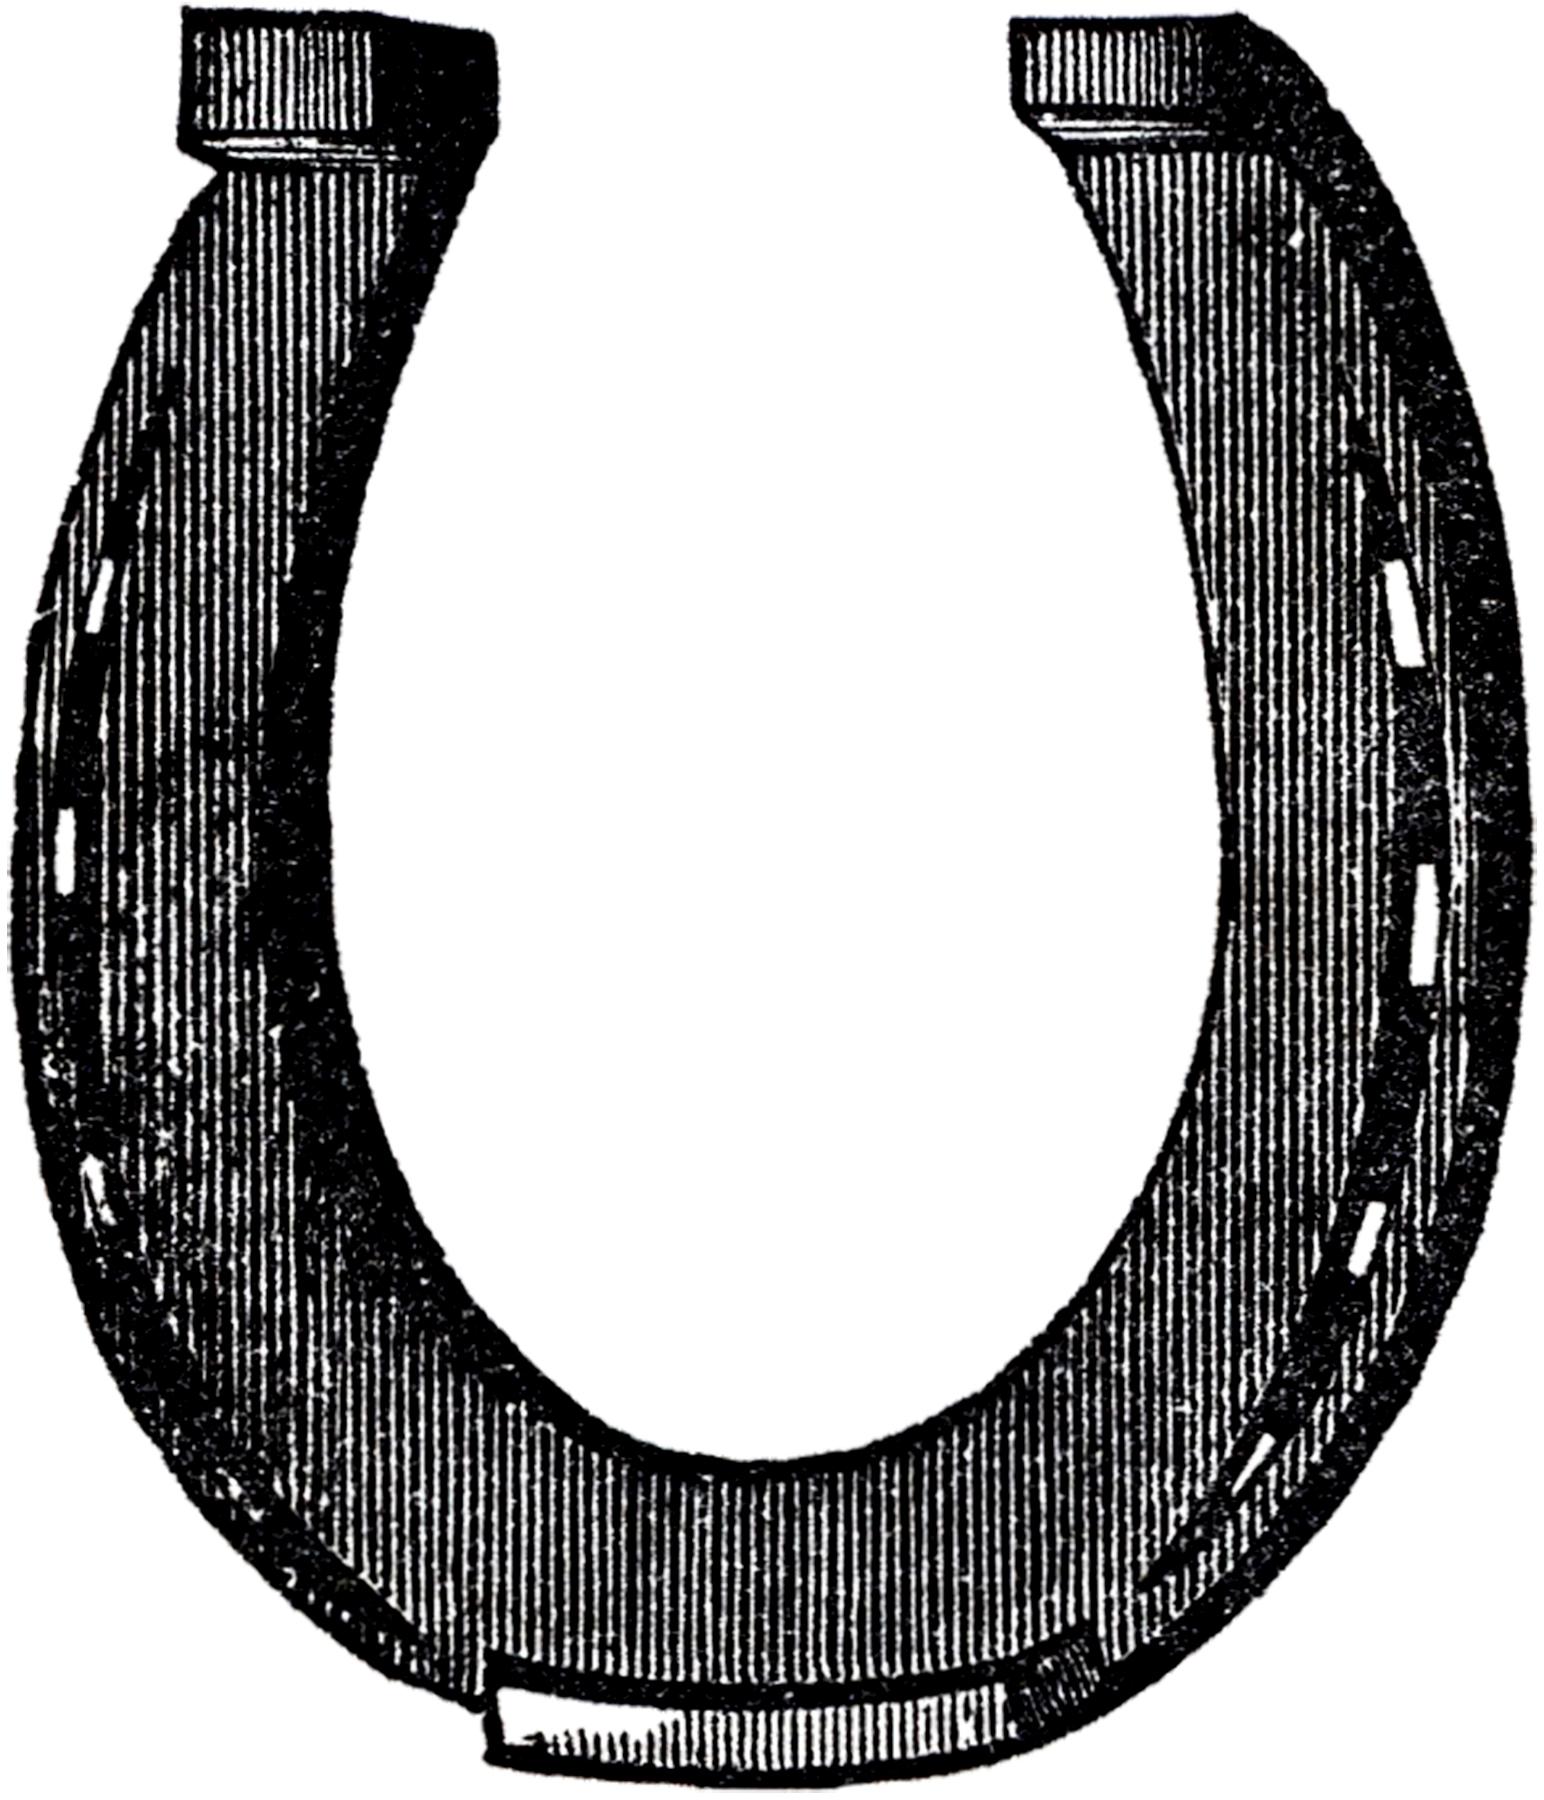 Horseshoe clipart vintage. Free horse shoe clip